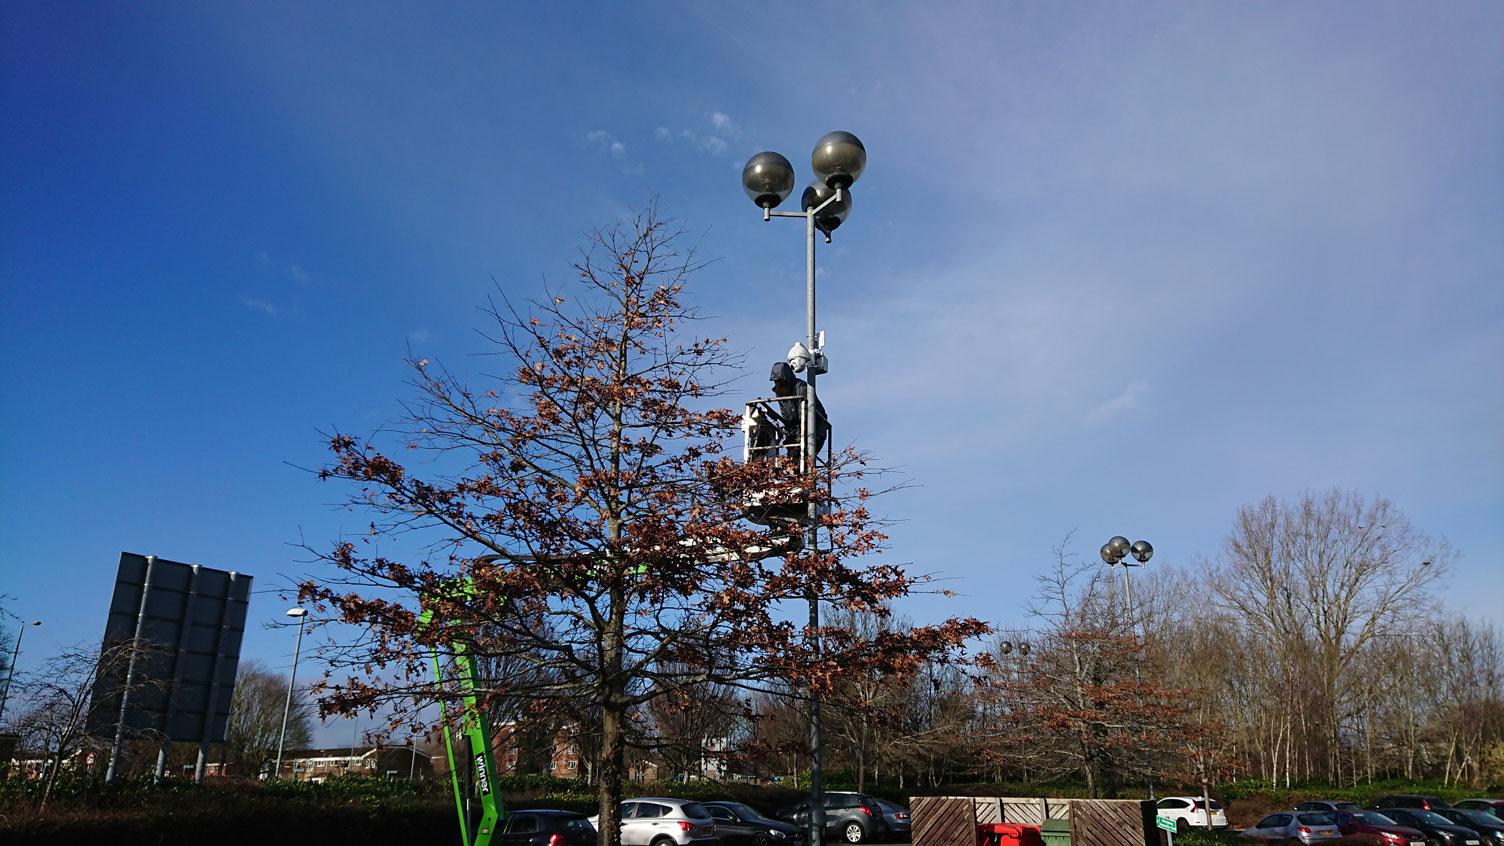 CCTV-Installlation-Lampost.jpg